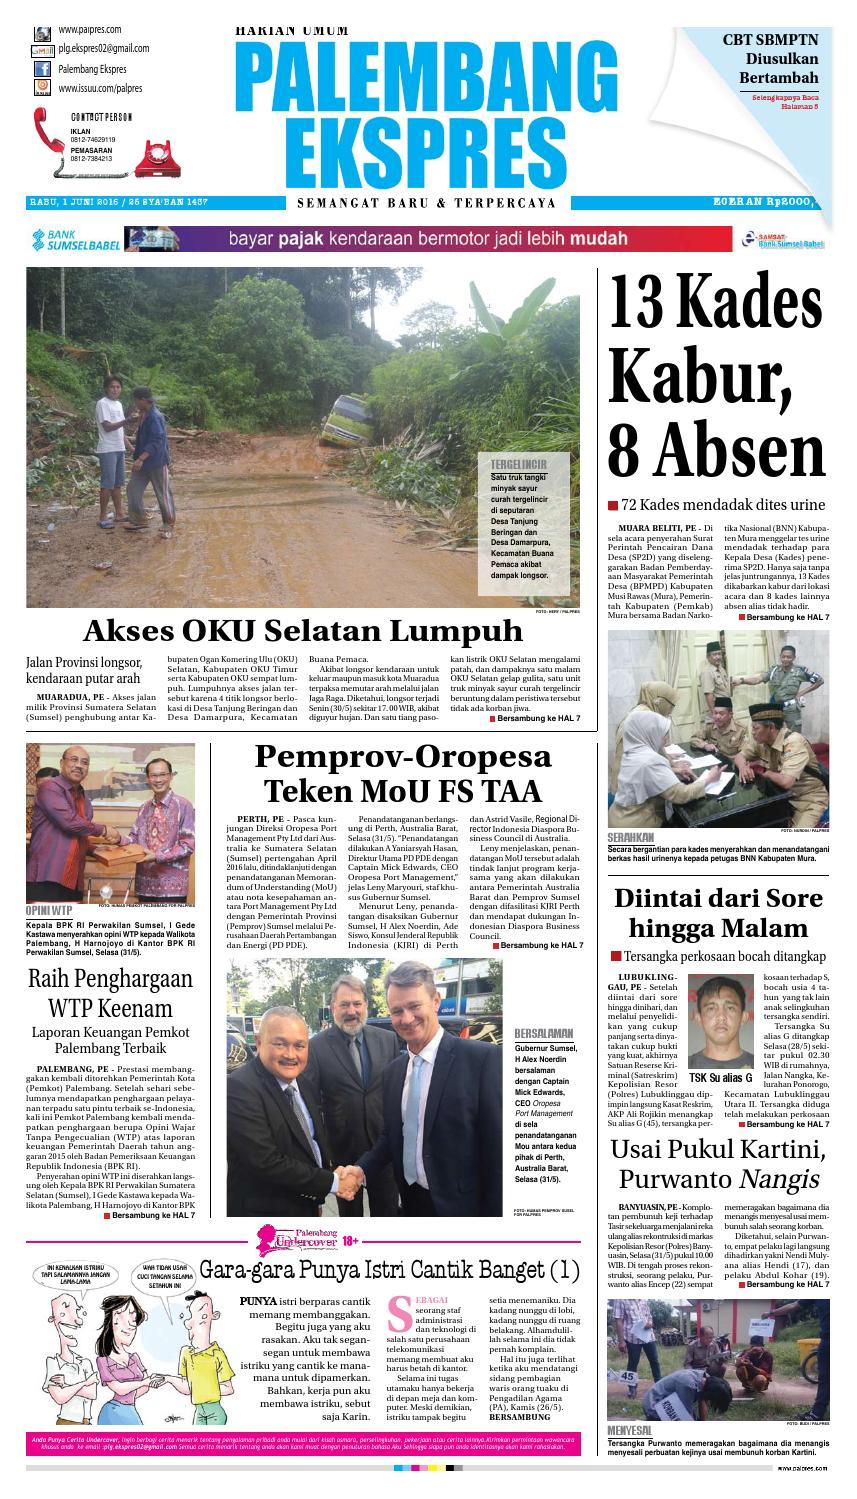 Palembang Ekspres Rabu 1 Juni 2016 By Palembang Ekspres Issuu